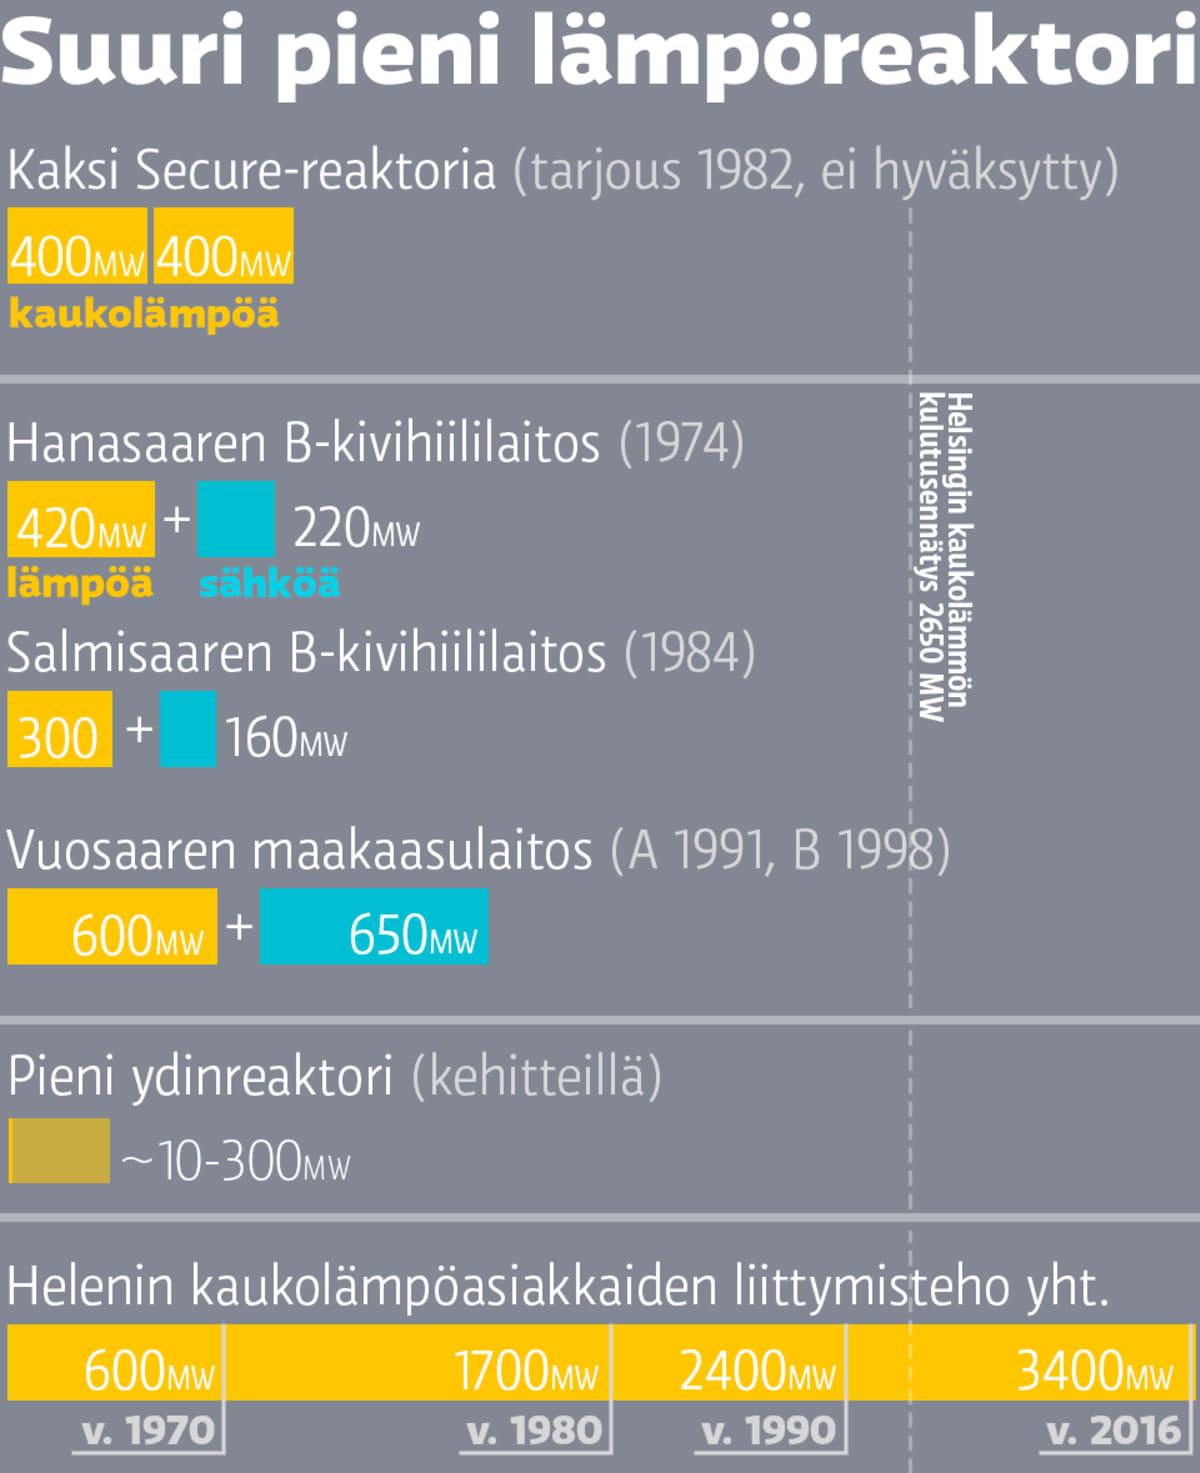 Suuri pini lämpöreaktori Kaksi Secure-reaktoria 400MW + 400MW Hanasaaren B-kivihiililaitos 420MW kaukolämpöä + 220MW sähköä Salmisaaren B-kivihiililaitos 300MW kaukolämpöä + 160MW sähköä Vuosaaren maakaasulaitos 600MW kaukolämpöä + 650MW sähköä Helsingin kaukolämmön huippukulutus eri vuosina: 600MW v1970, 1700MW v1980, 2400MW v1990, 3400MW v2016